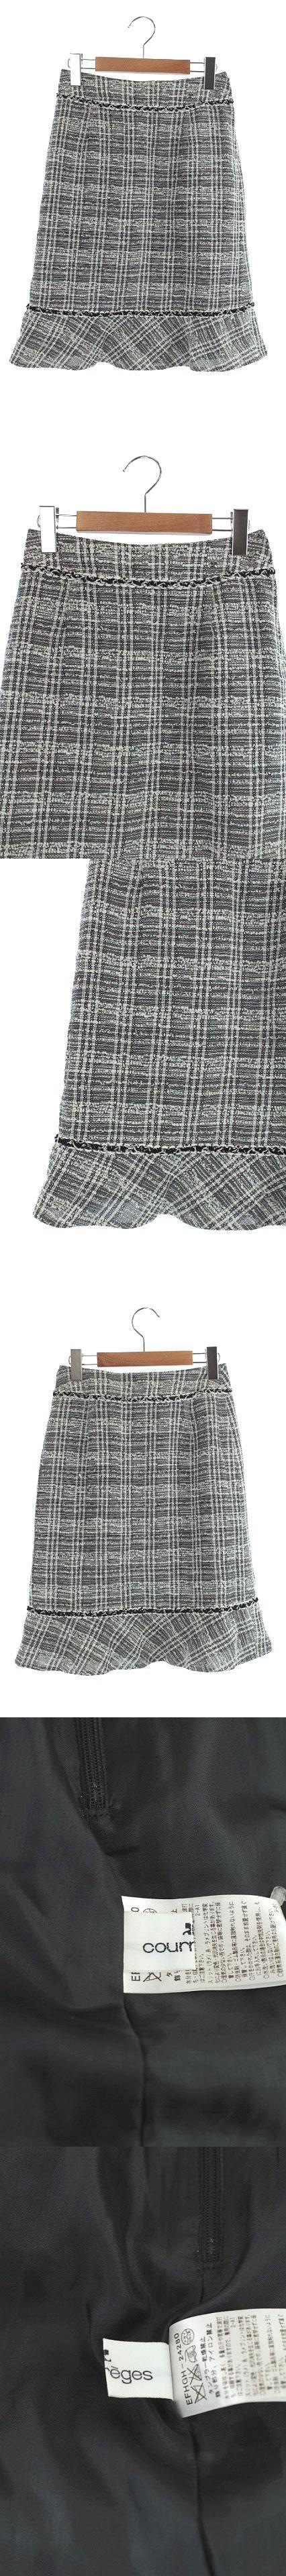 スカート タイト フリル ツイード ひざ丈 36 白 黒 /KN ■OS